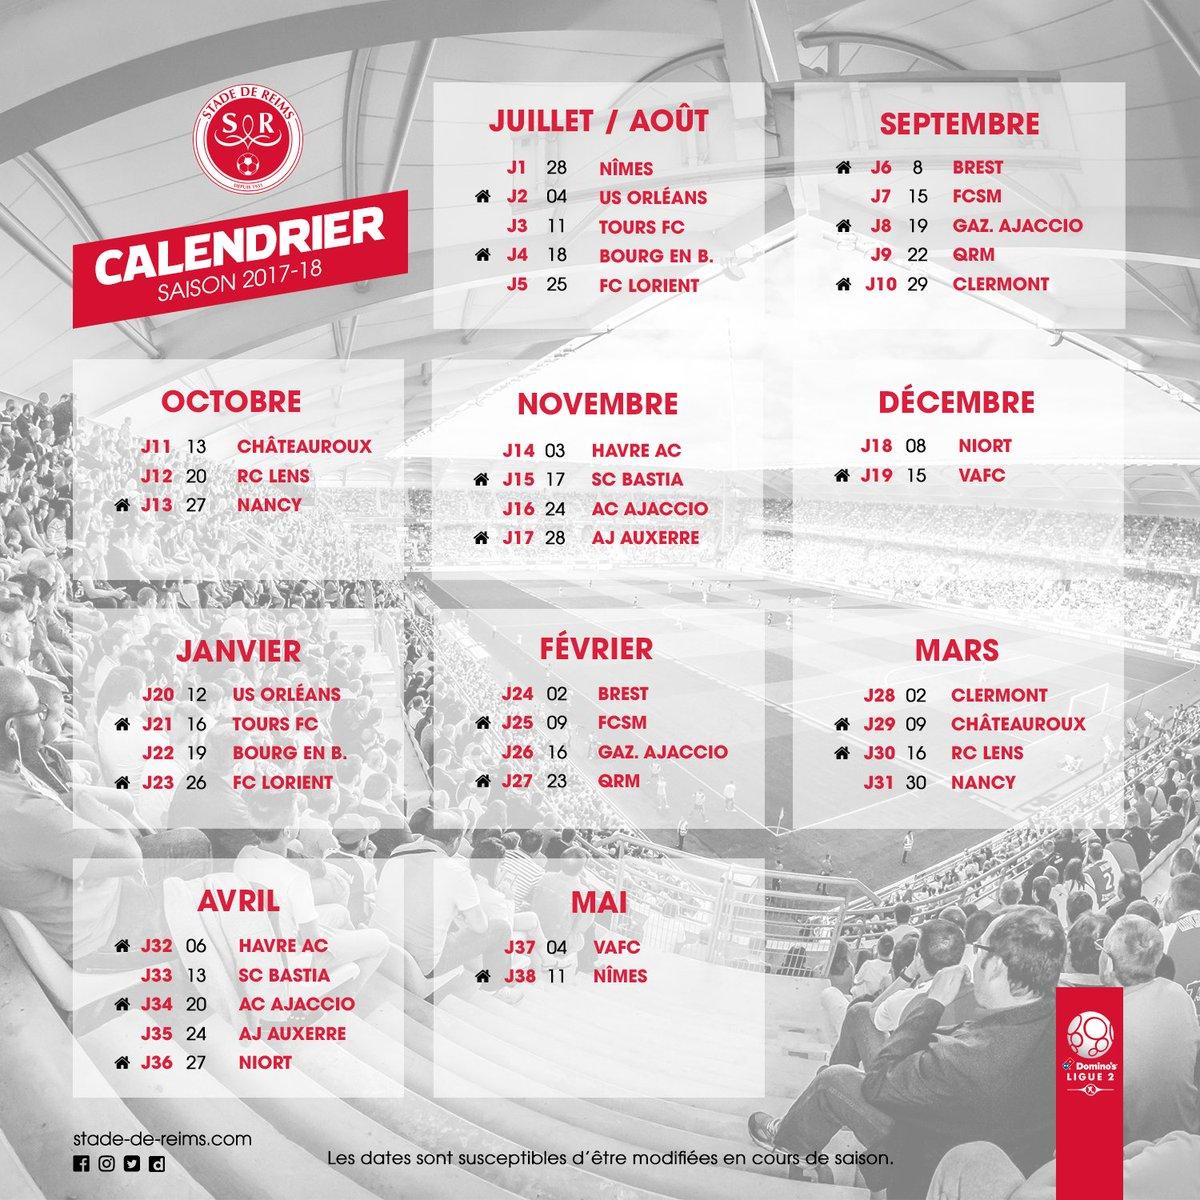 Qrm Calendrier.Stade De Reims On Twitter Vue D Ensemble Sur La Saison